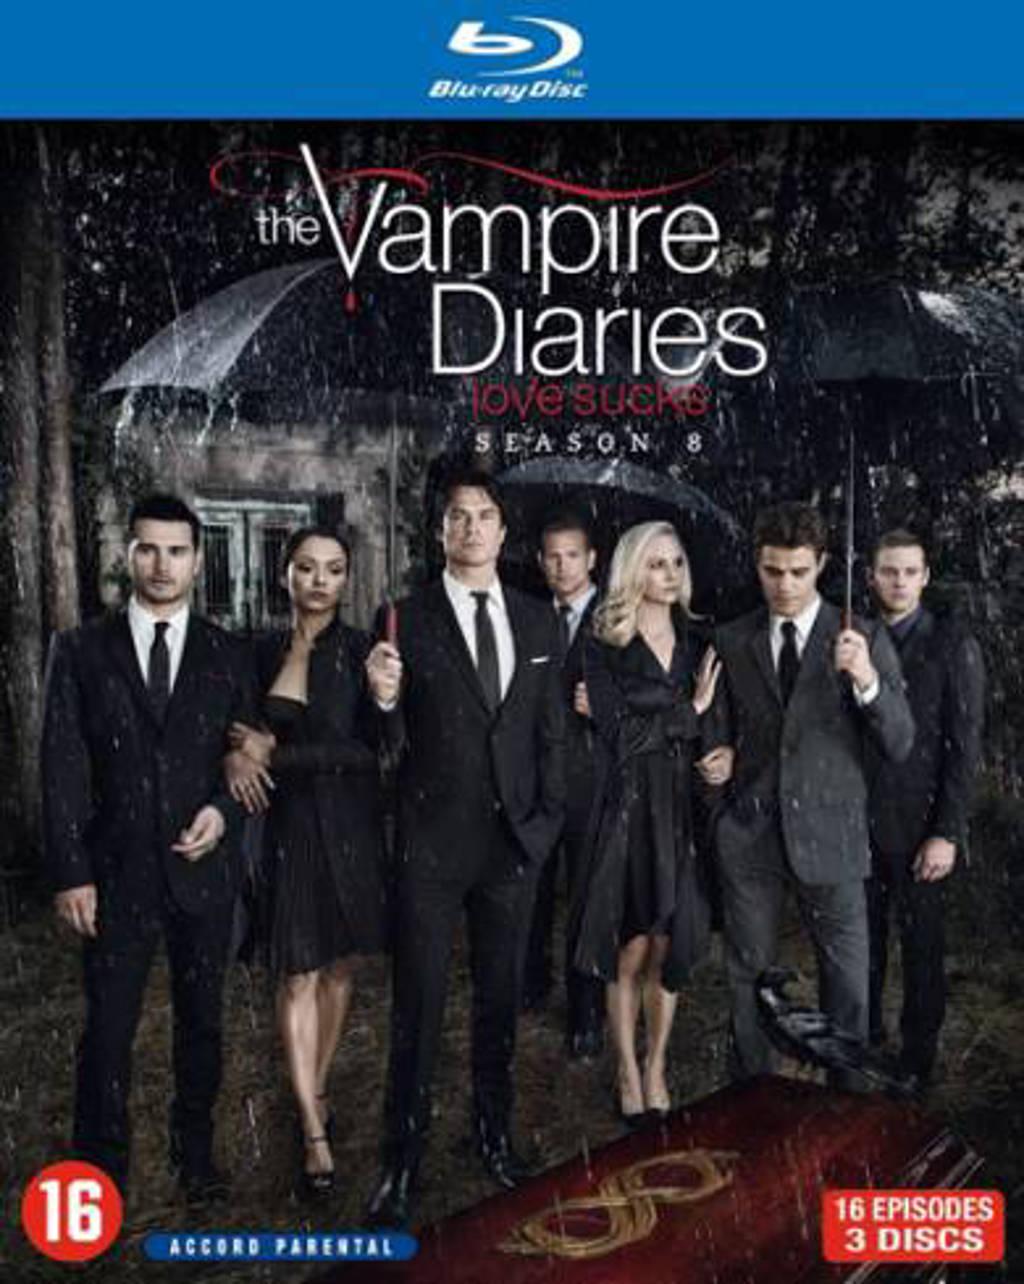 Vampire diaries - Seizoen 8 (Blu-ray)